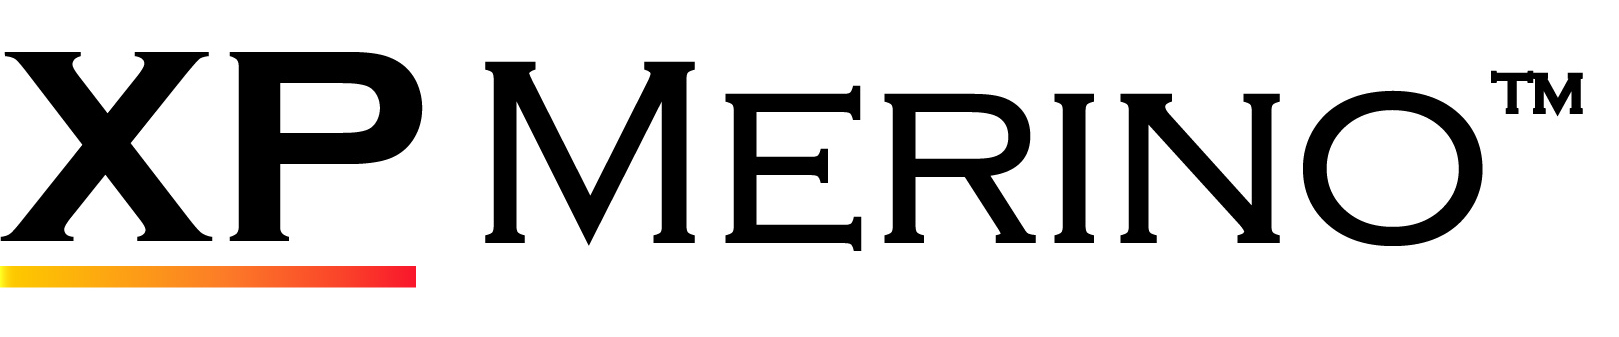 XP Merino Logo.jpg